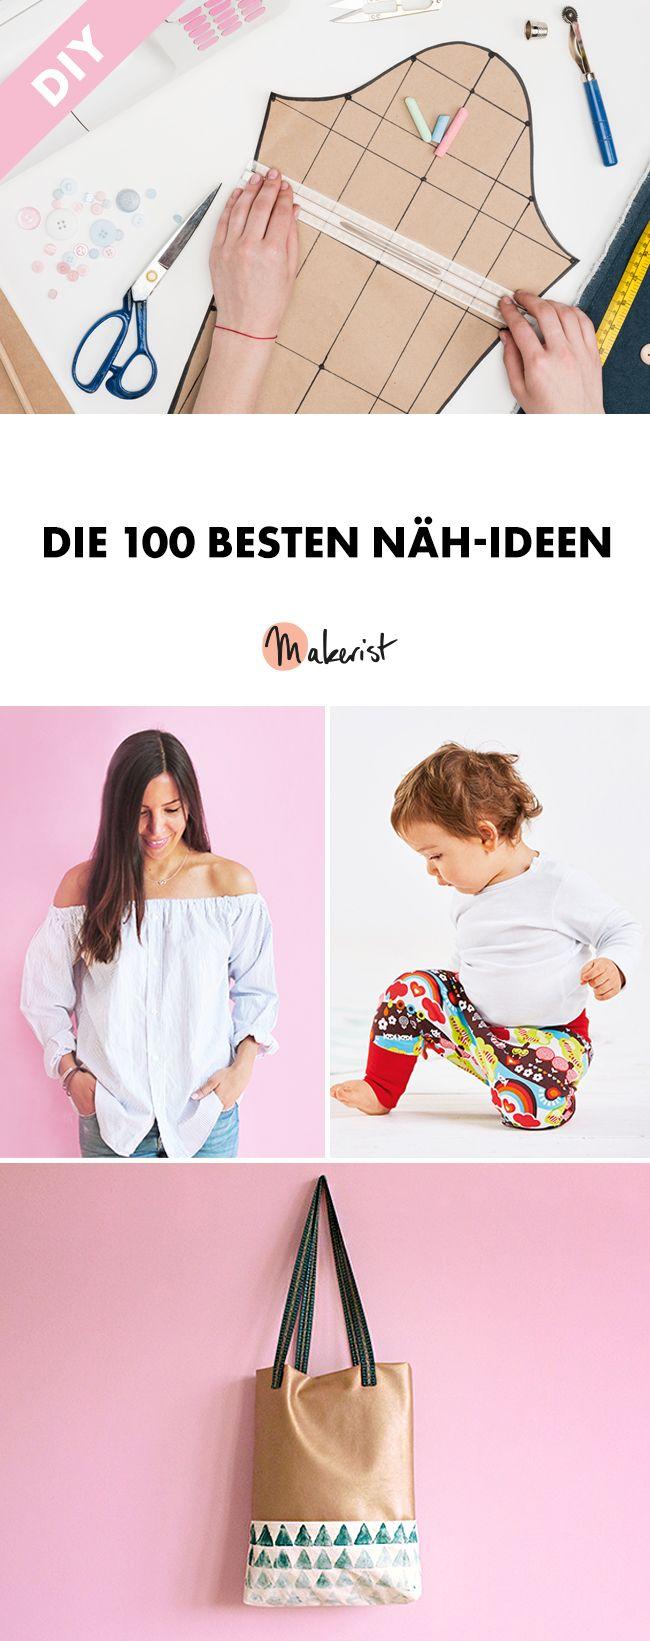 983 besten Nähideen Bilder auf Pinterest | Organisationstipps ...